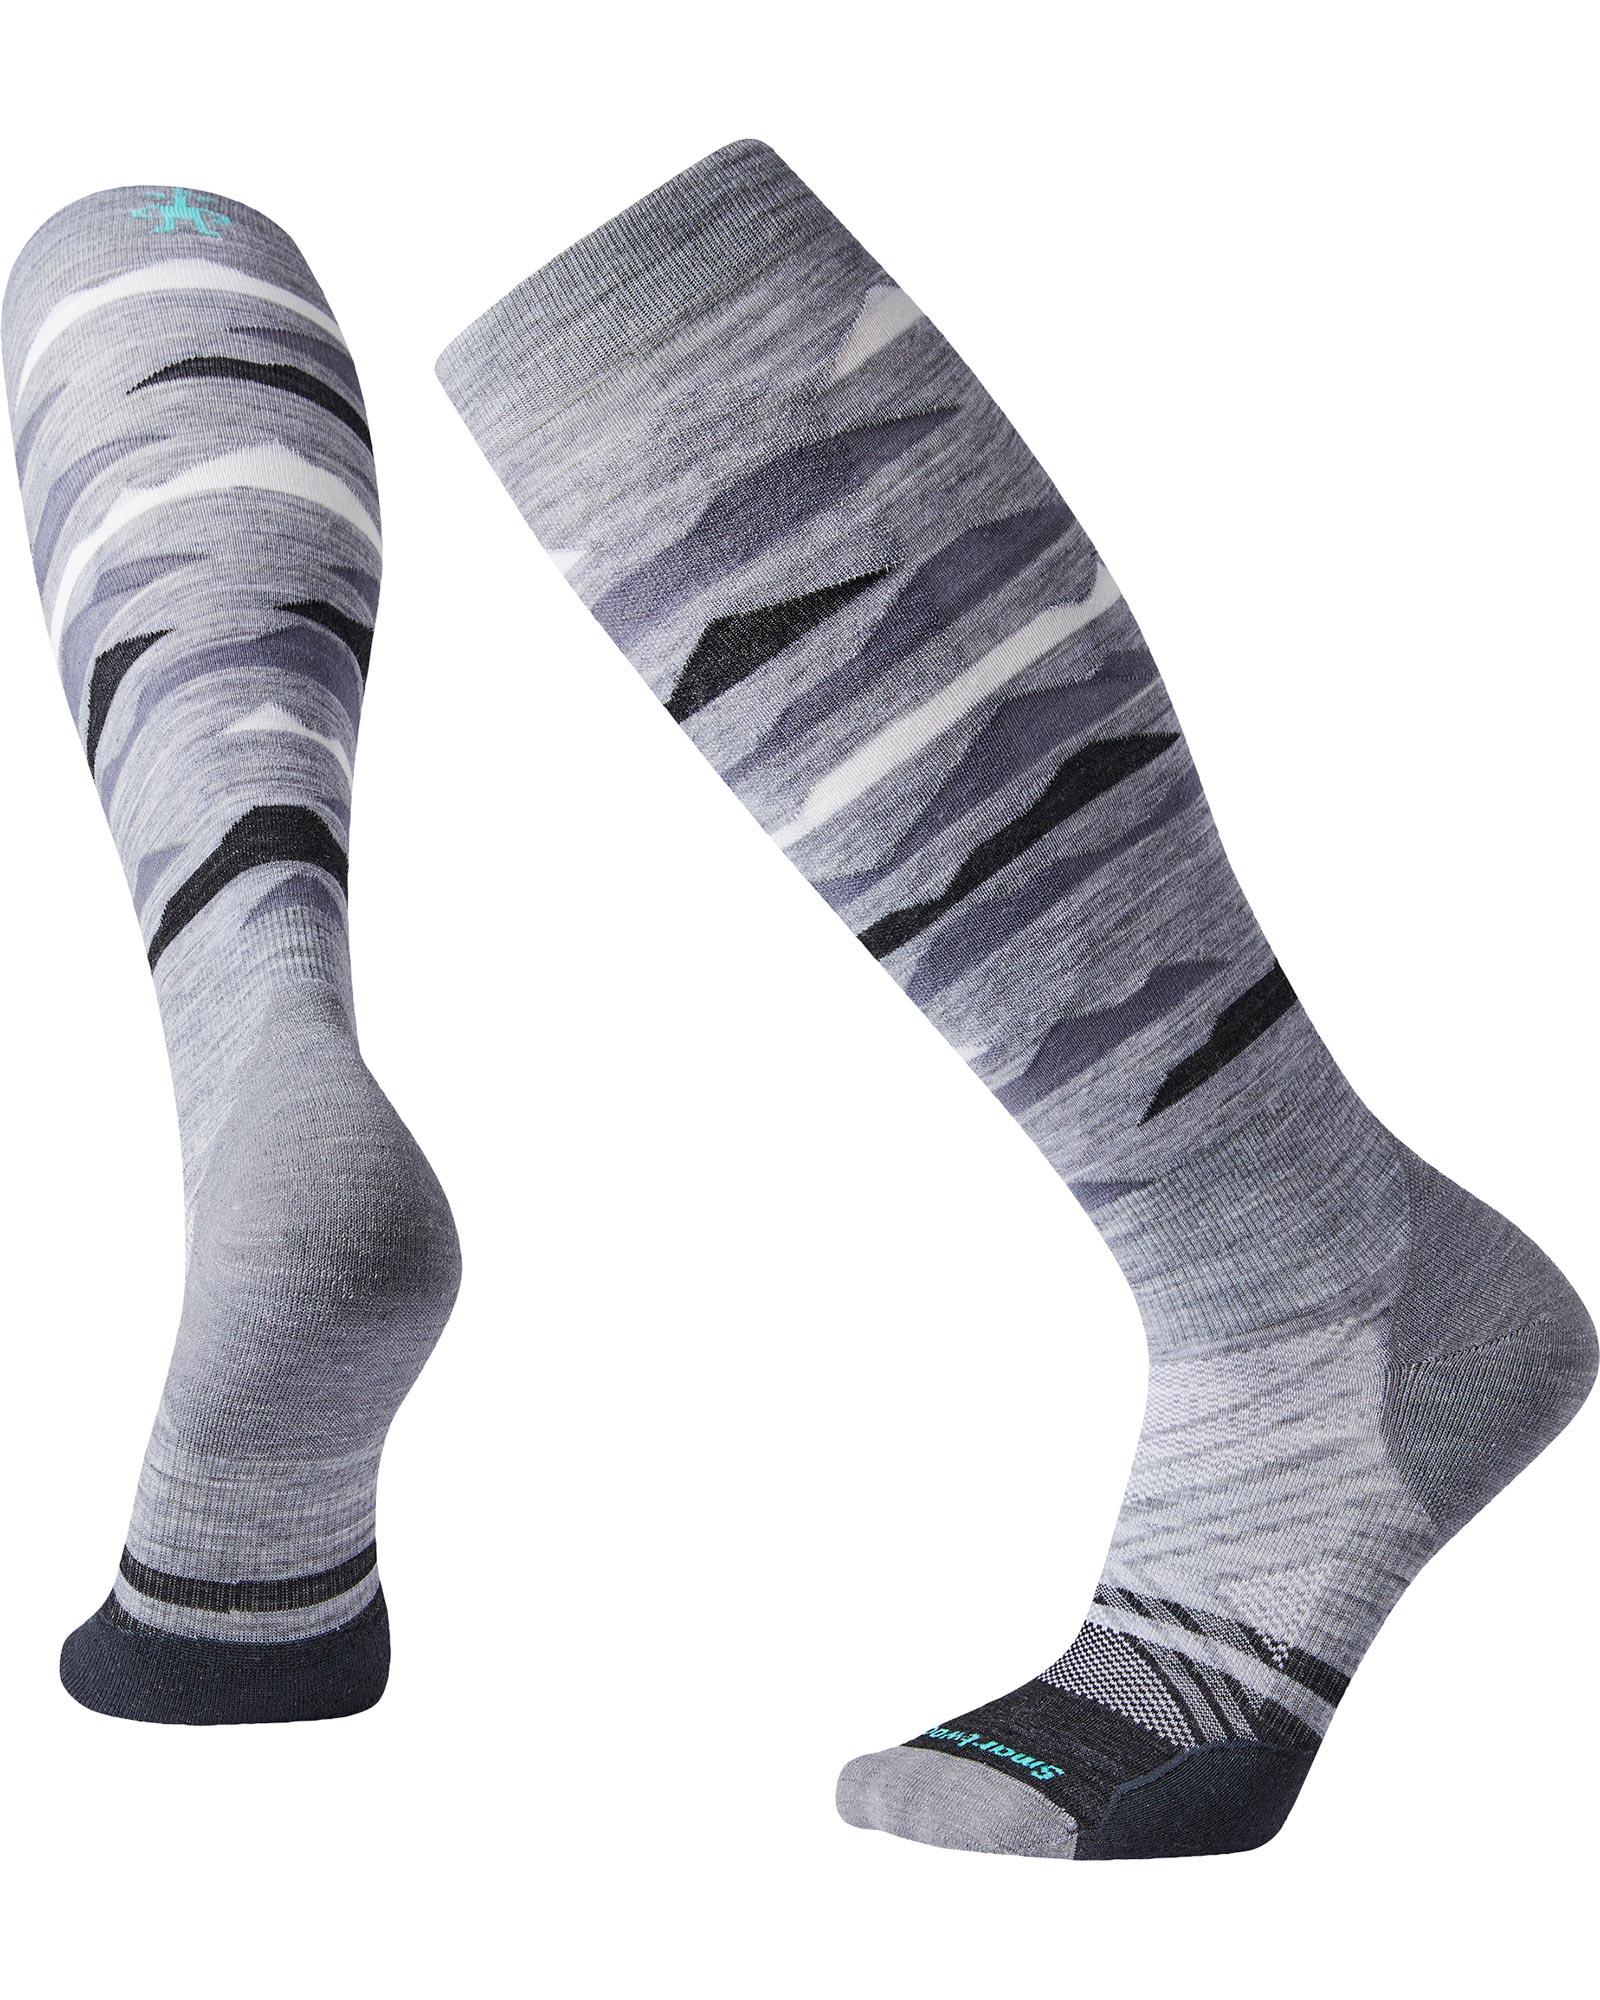 Smartwool PhD Ski Light Elite Socks 0